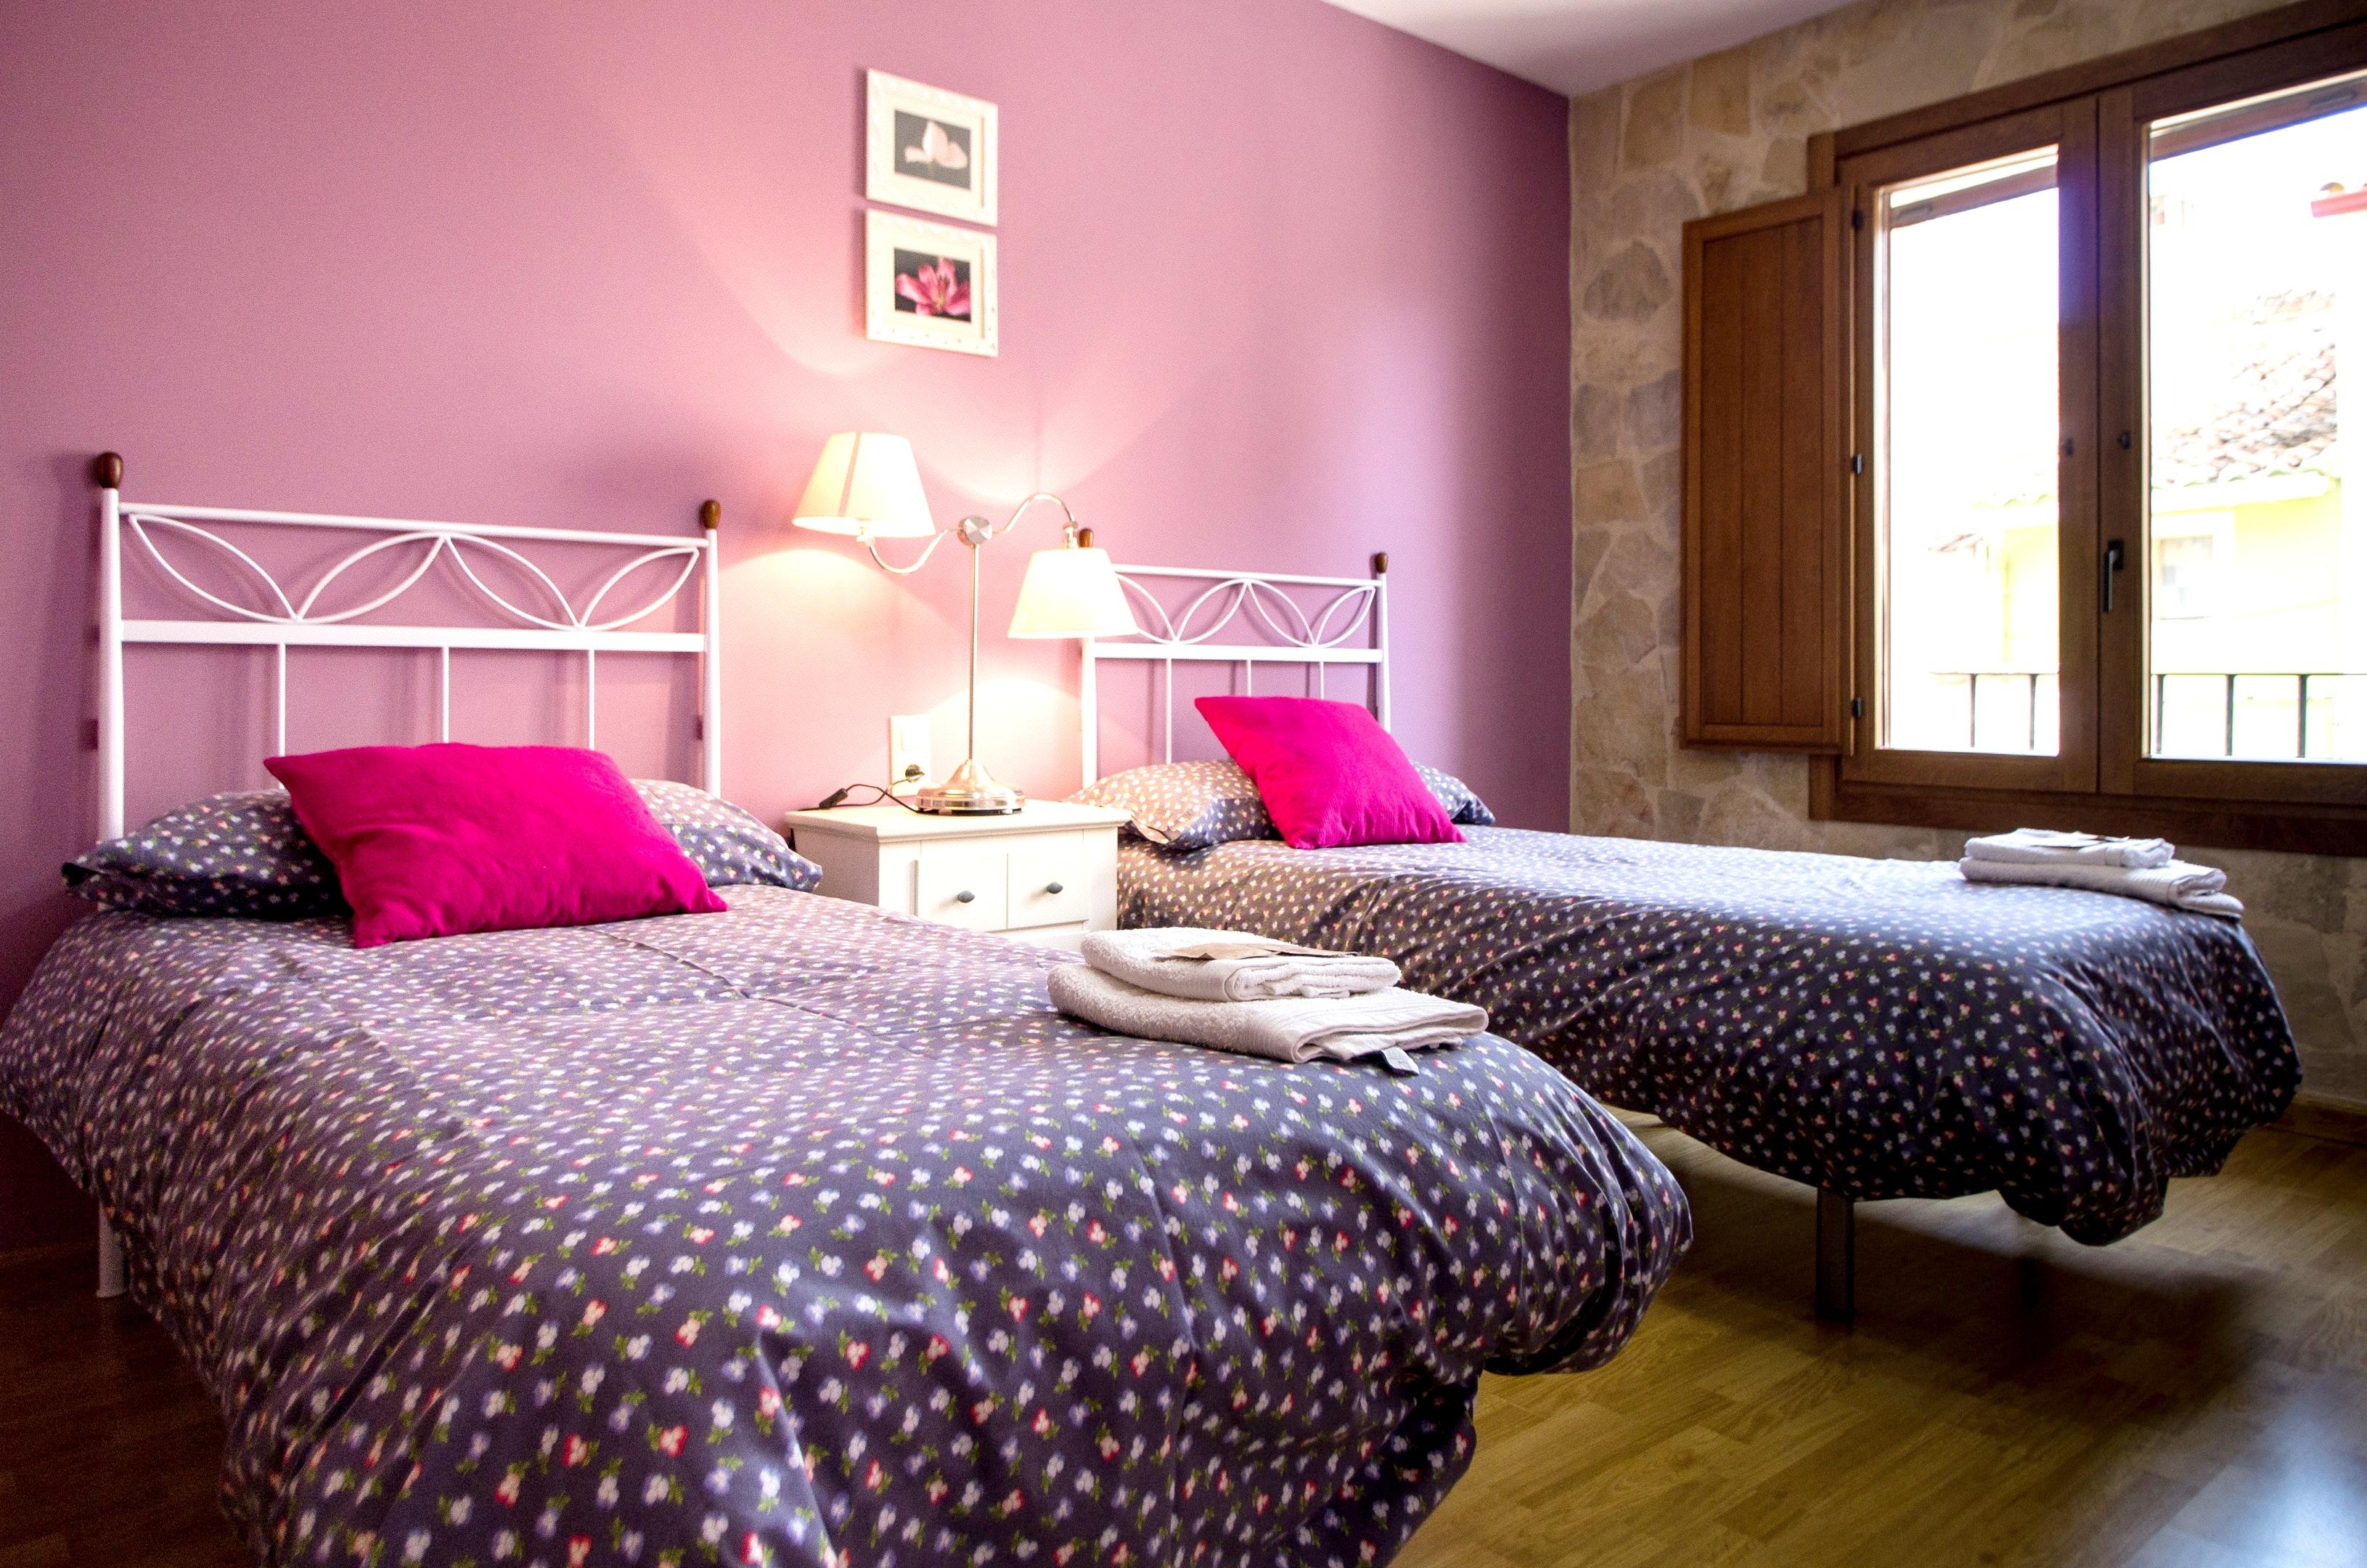 Ferienhaus Haus mit 3 Schlafzimmern in Talayuelas mit toller Aussicht auf die Berge, möblierter Terra (2202603), Talayuelas, Cuenca, Kastilien-La Mancha, Spanien, Bild 17